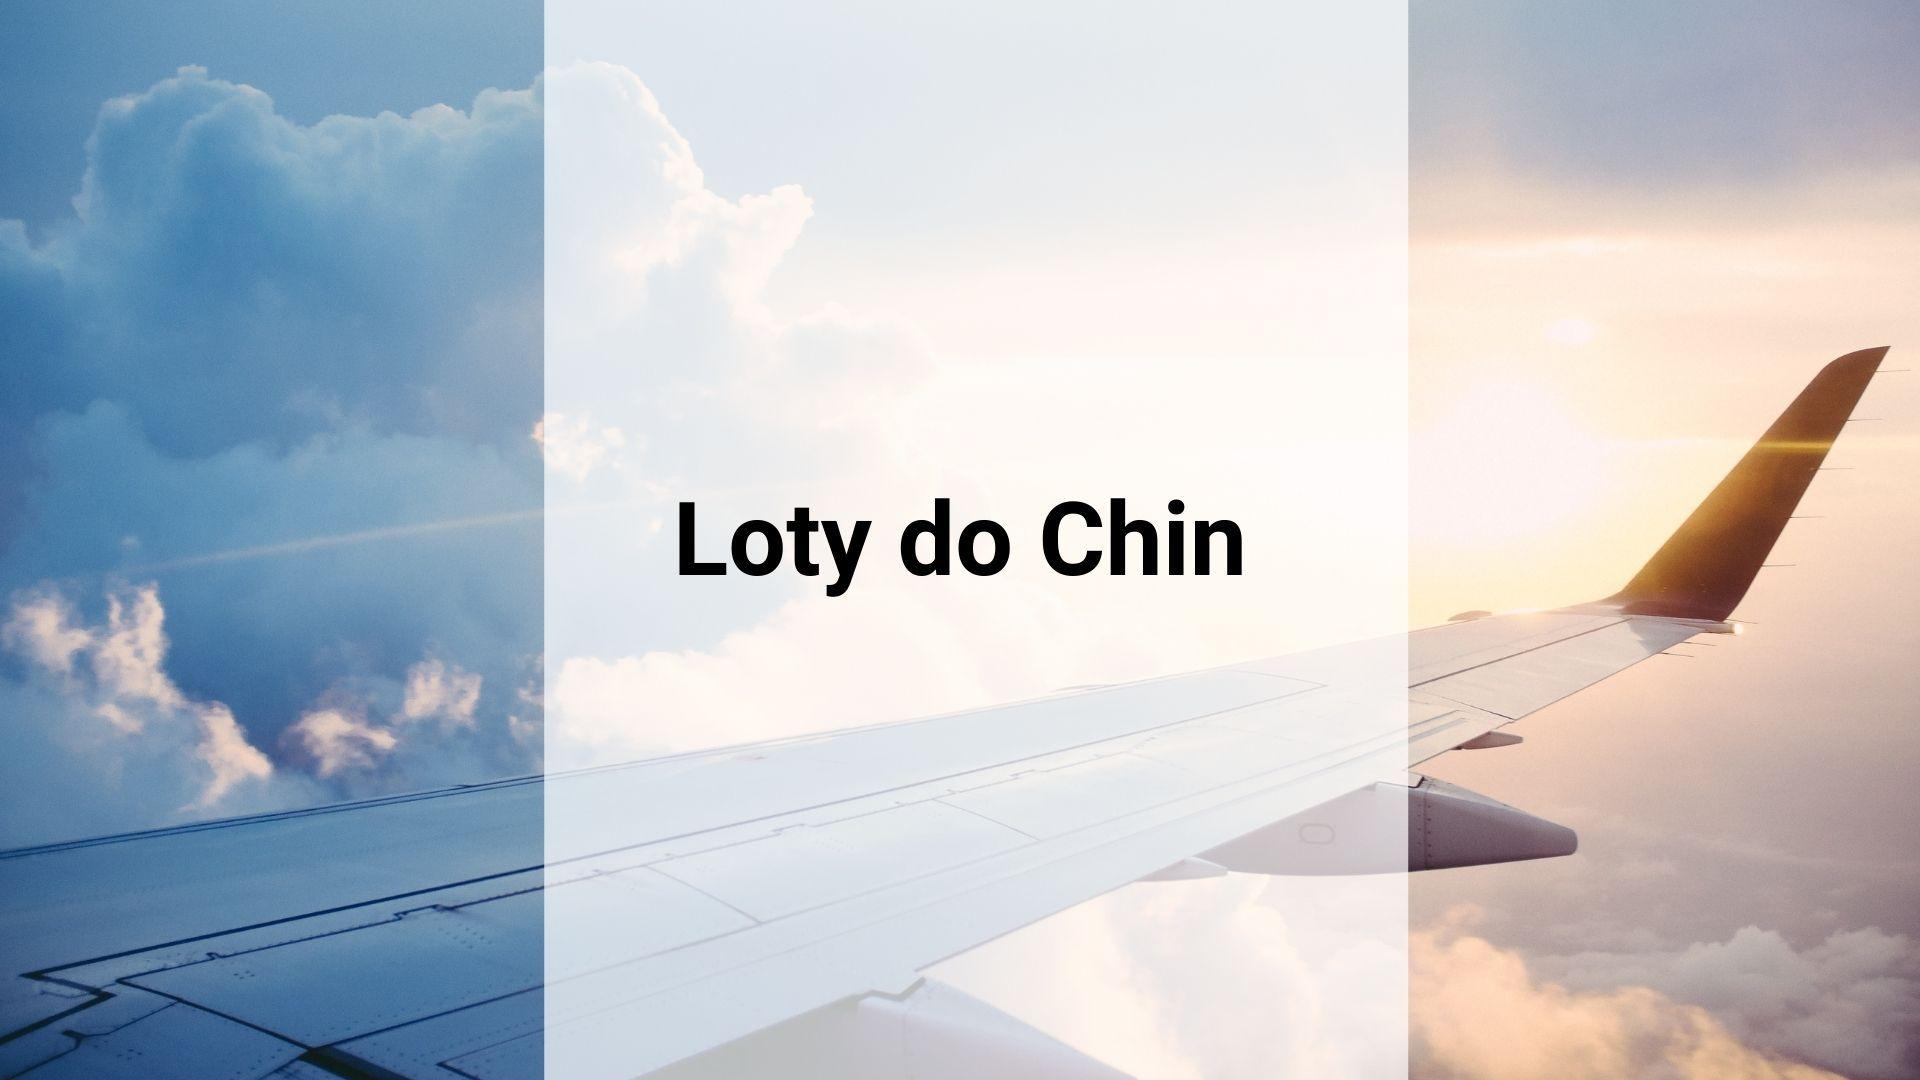 Loty do Chin